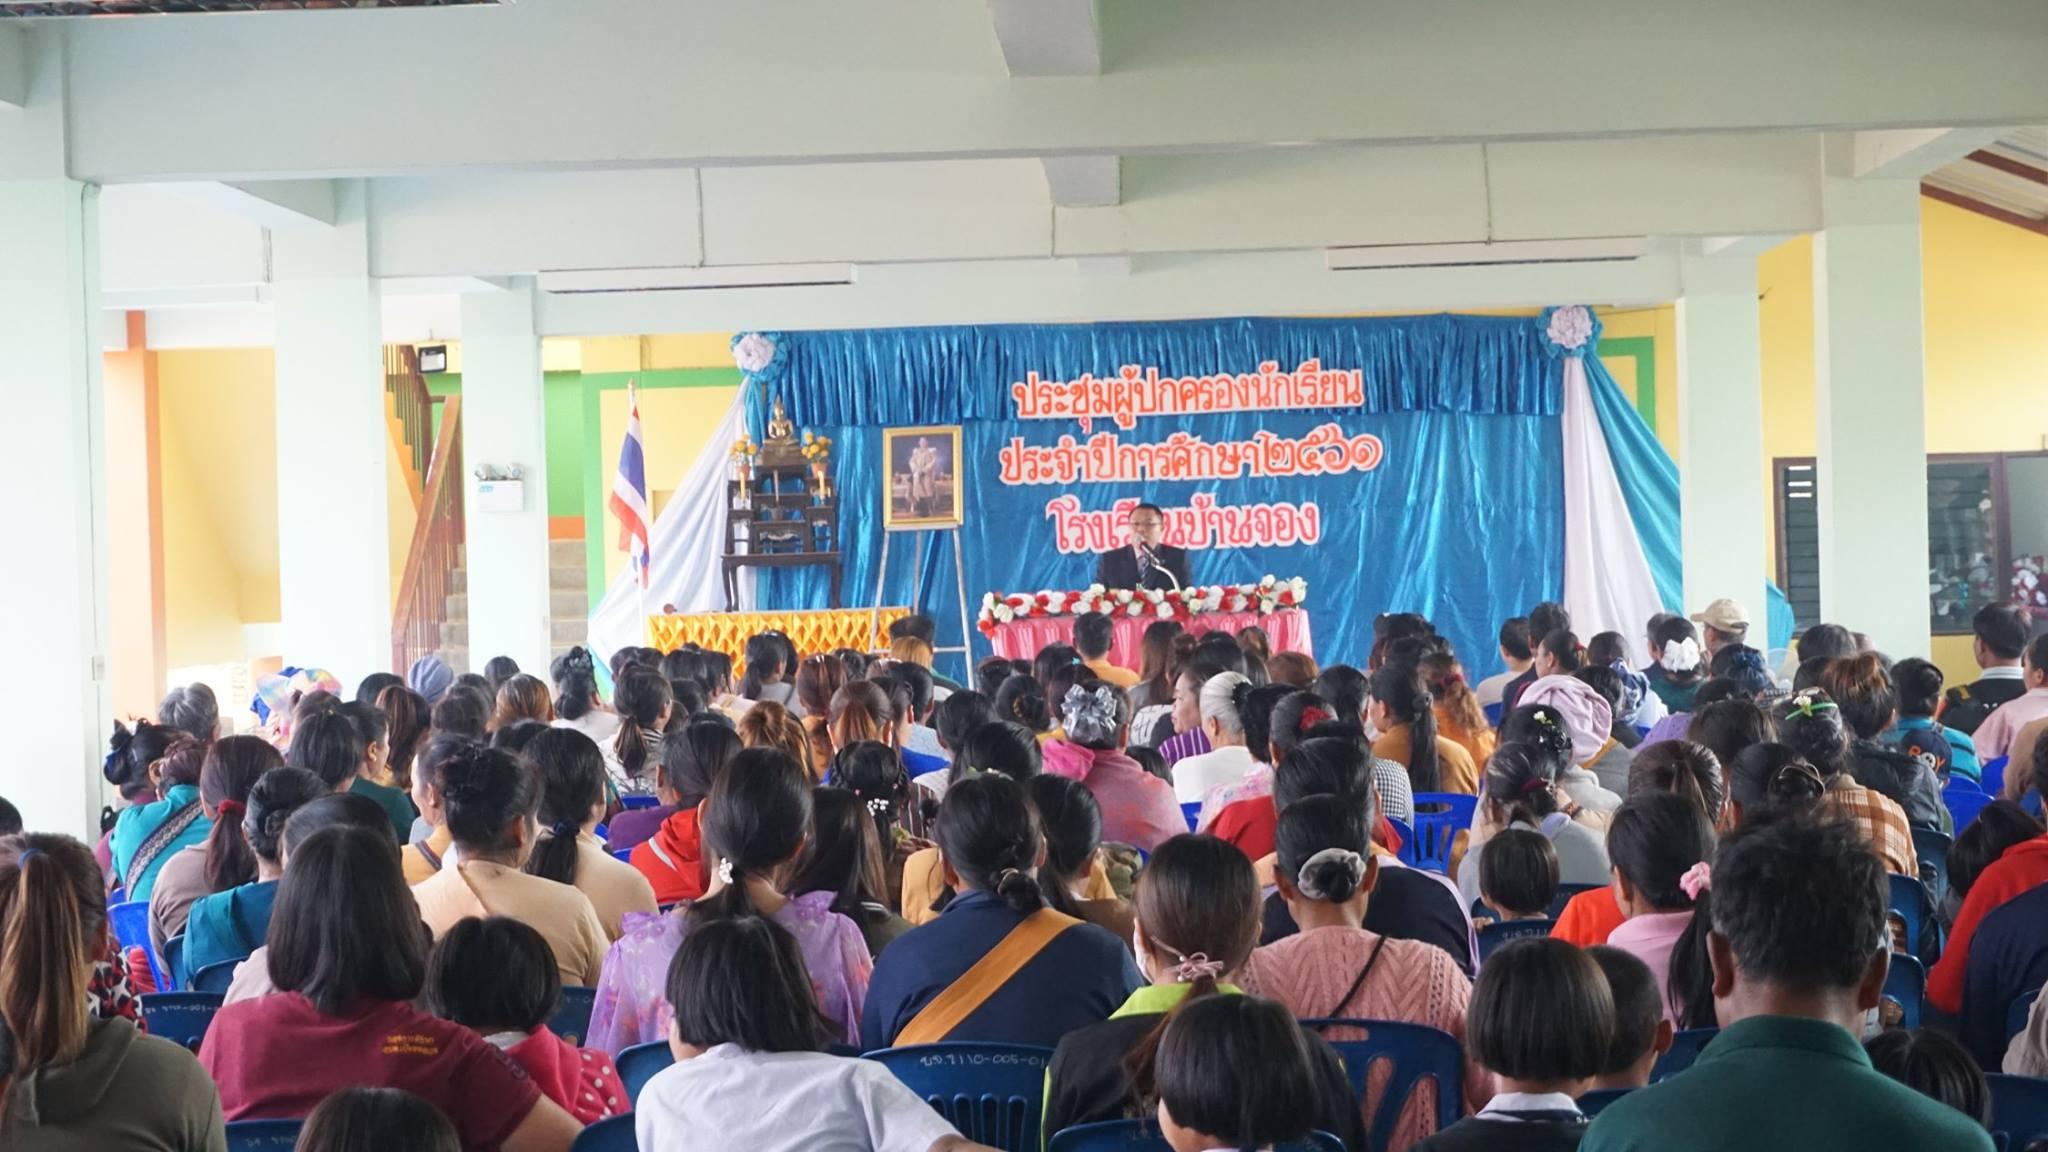 ประชุมผู้ปกครอง ปีการศึกษา2561